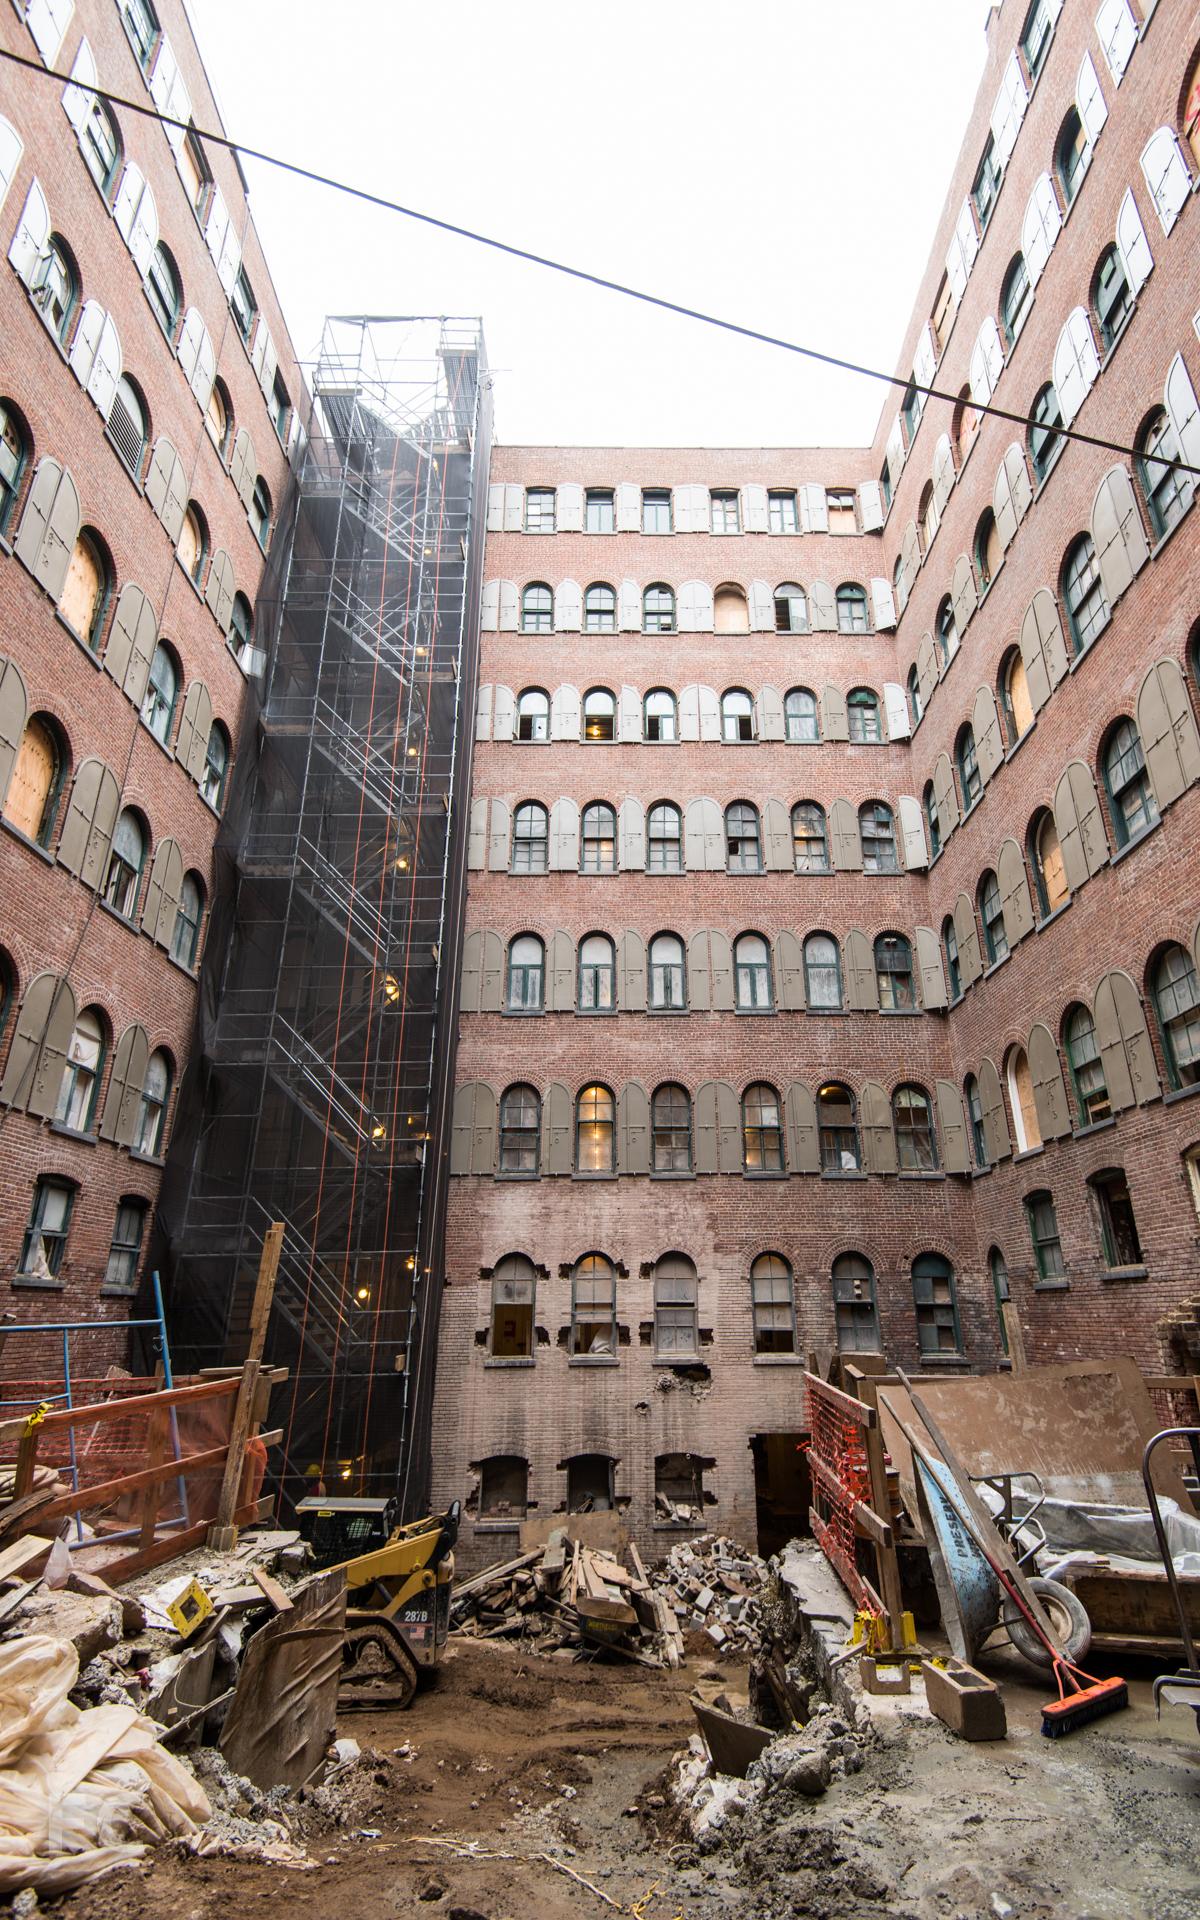 Courtyard under construction.